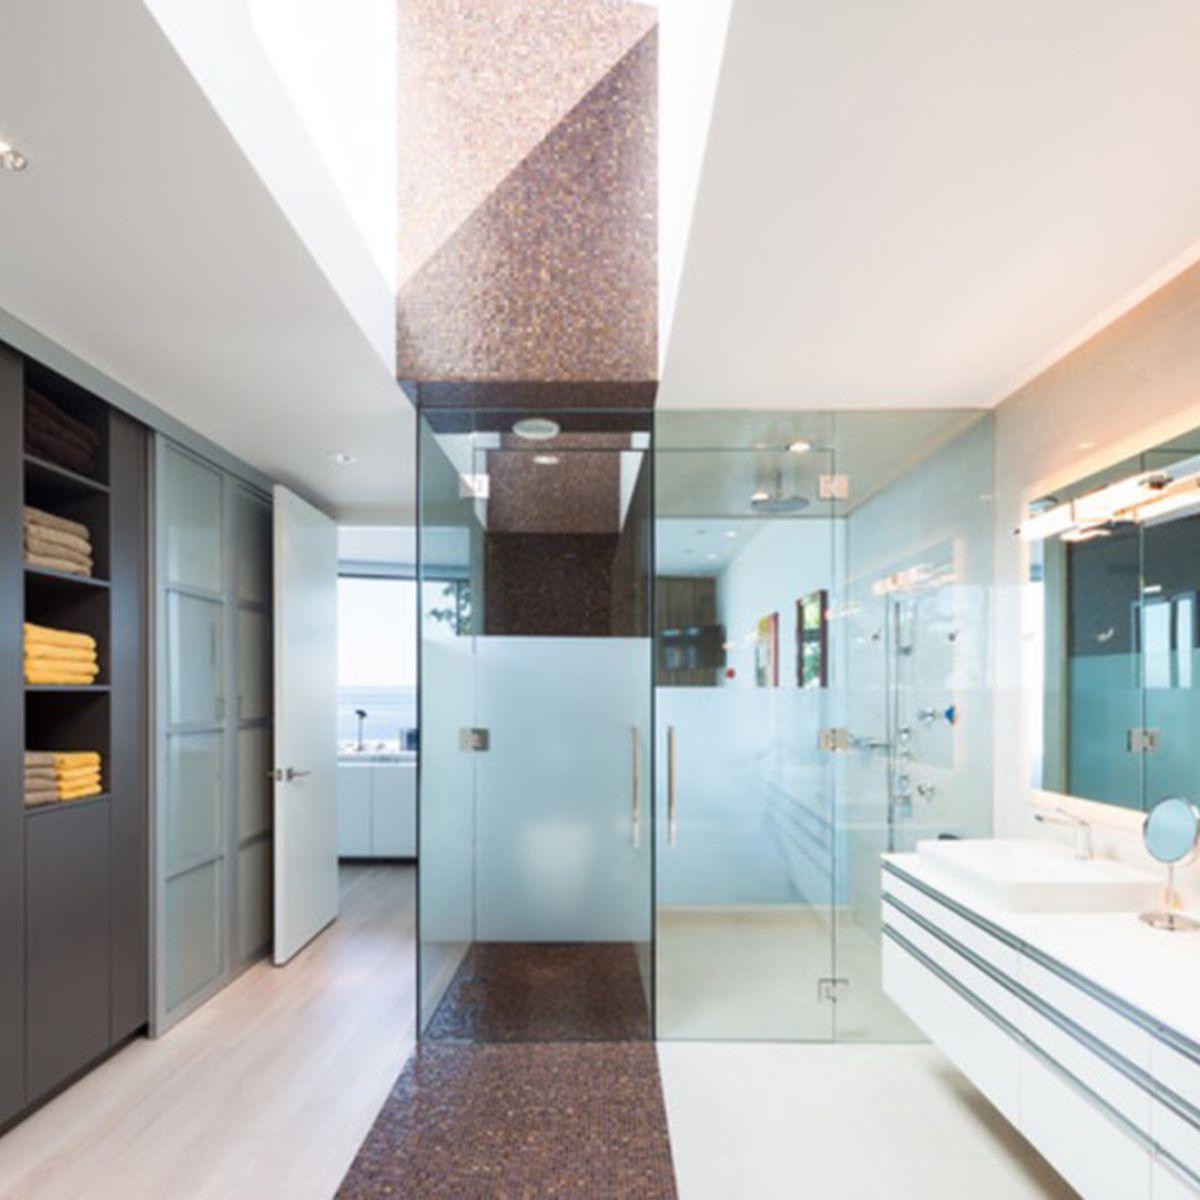 10 Idées Pour Créer Une Lumière Naturelle Dans Sa Salle De concernant Créer Sa Salle De Bain